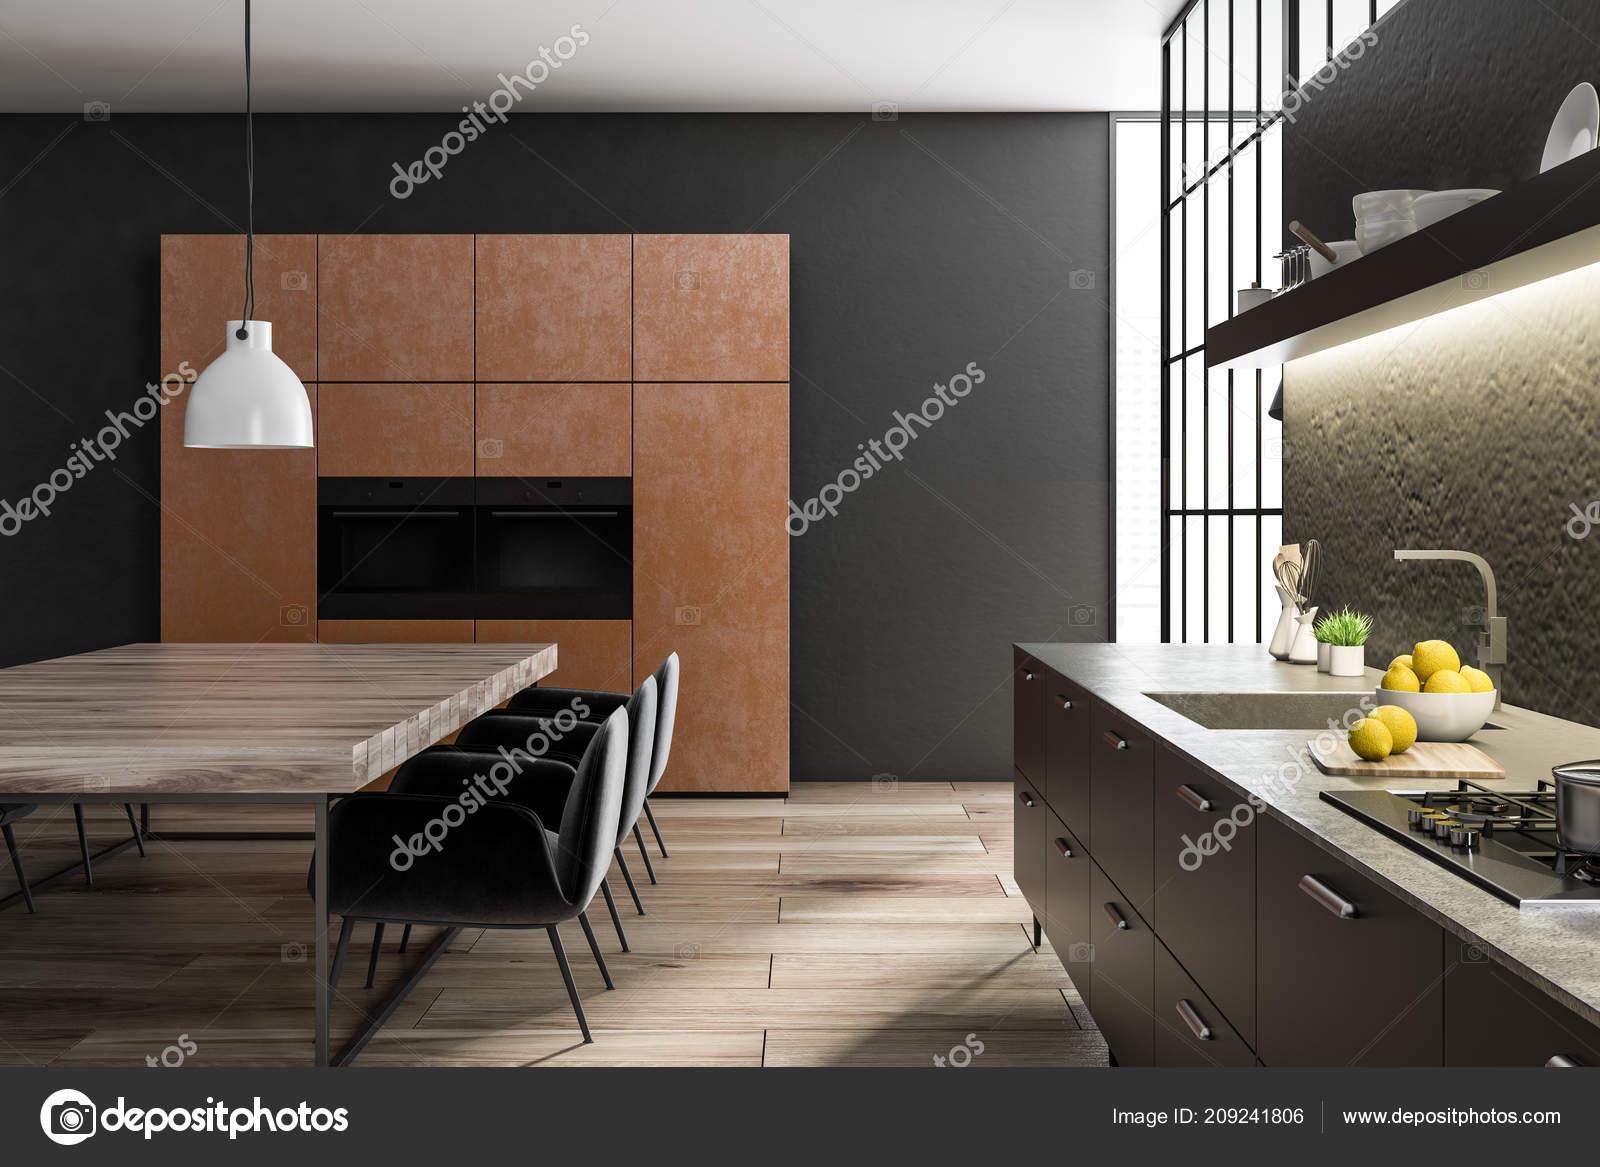 Schwarz Und Betonwand Küche Und Esszimmer Interieur Mit Einem ...